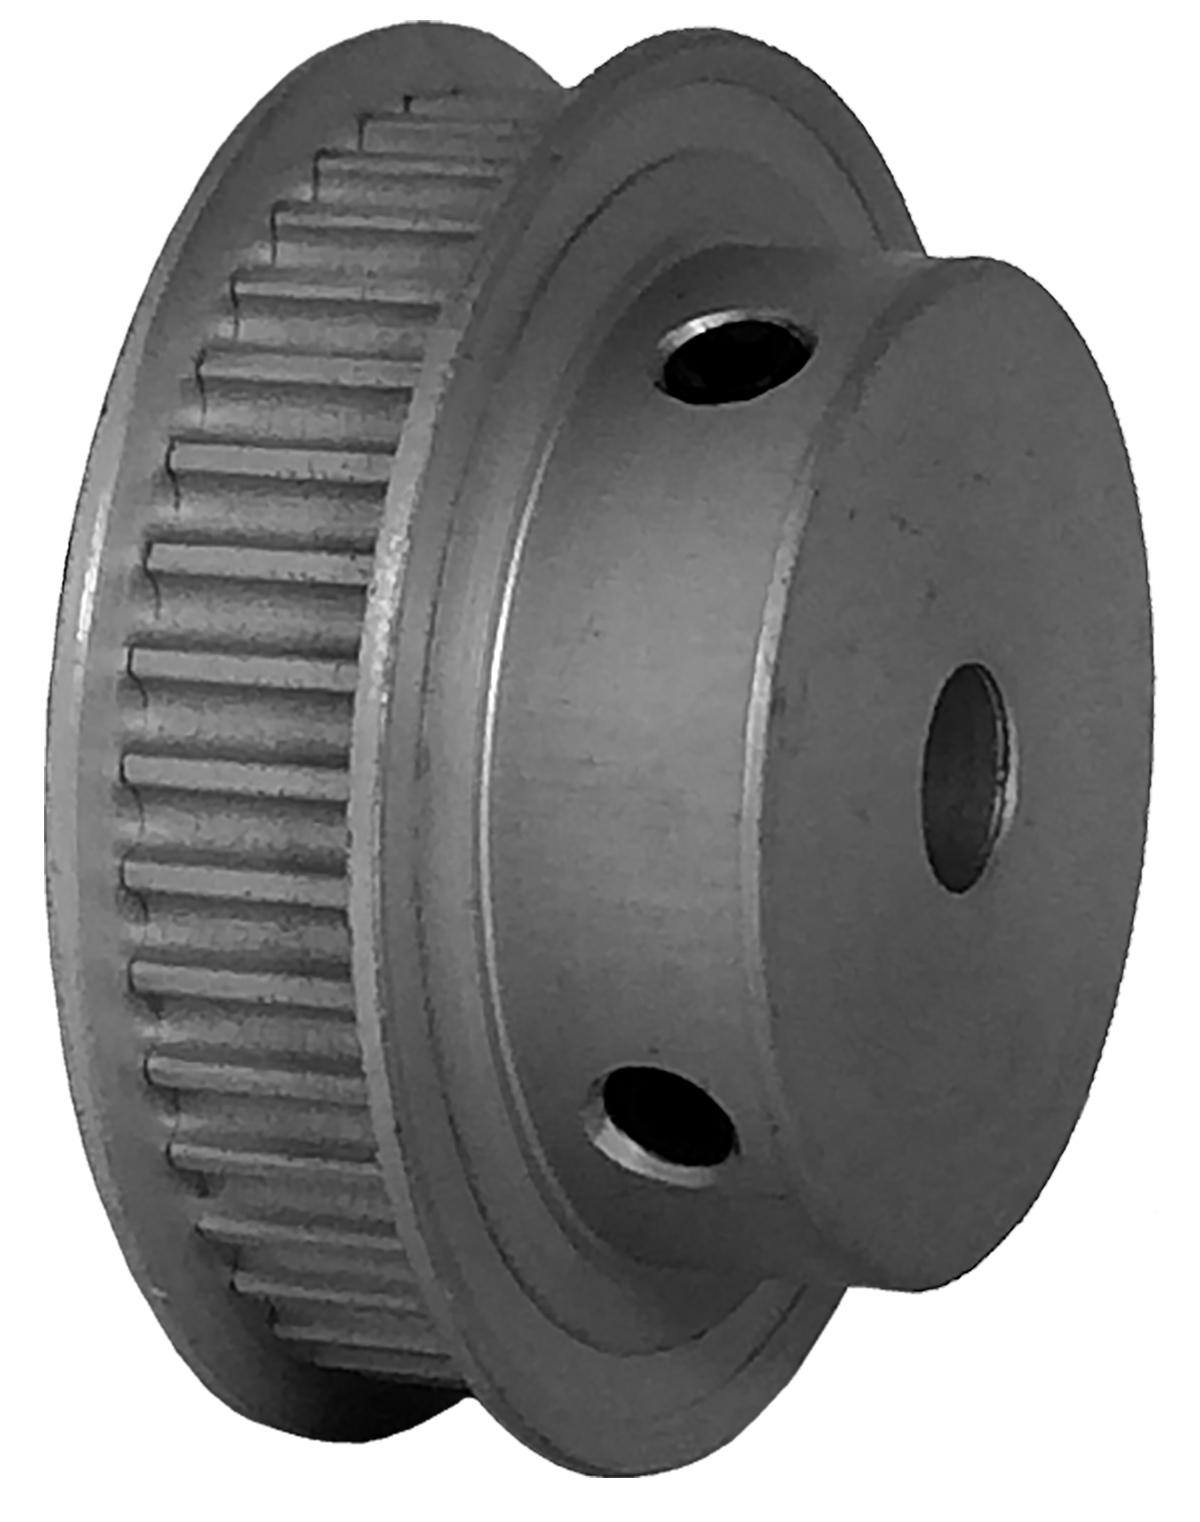 40-3P06-6FA3 - Aluminum Powerhouse® Pulleys